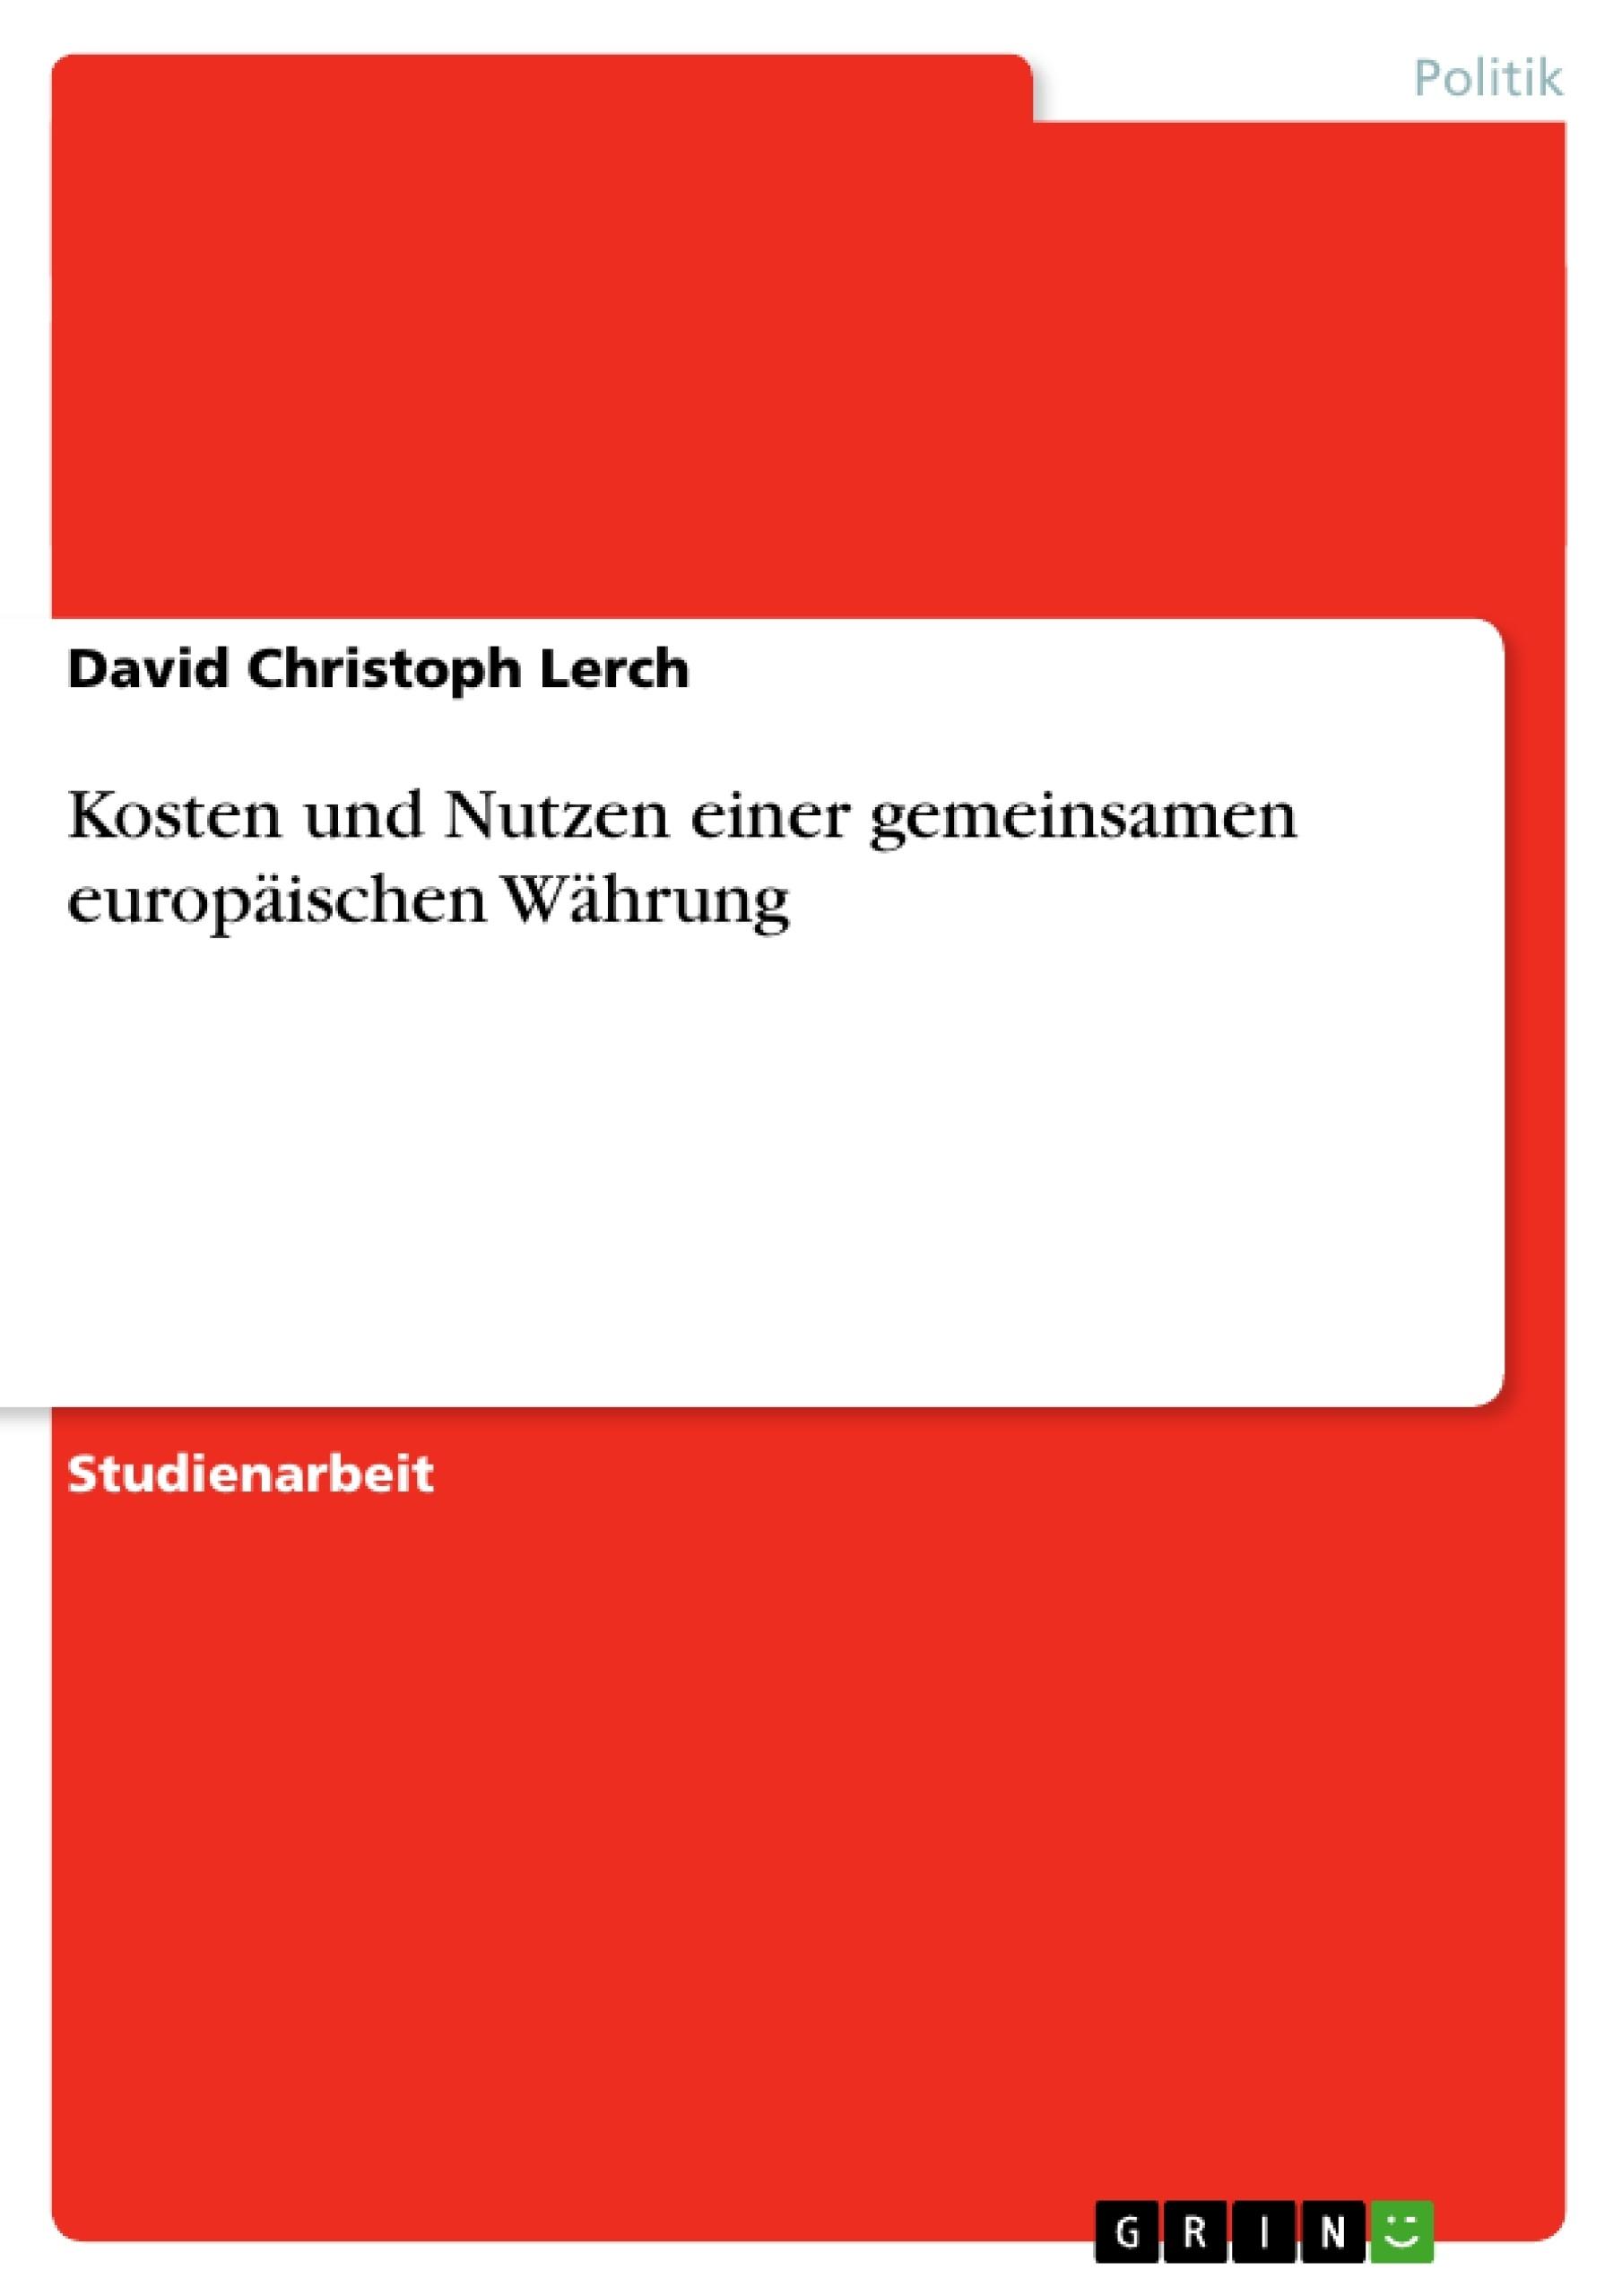 Titel: Kosten und Nutzen einer gemeinsamen europäischen Währung